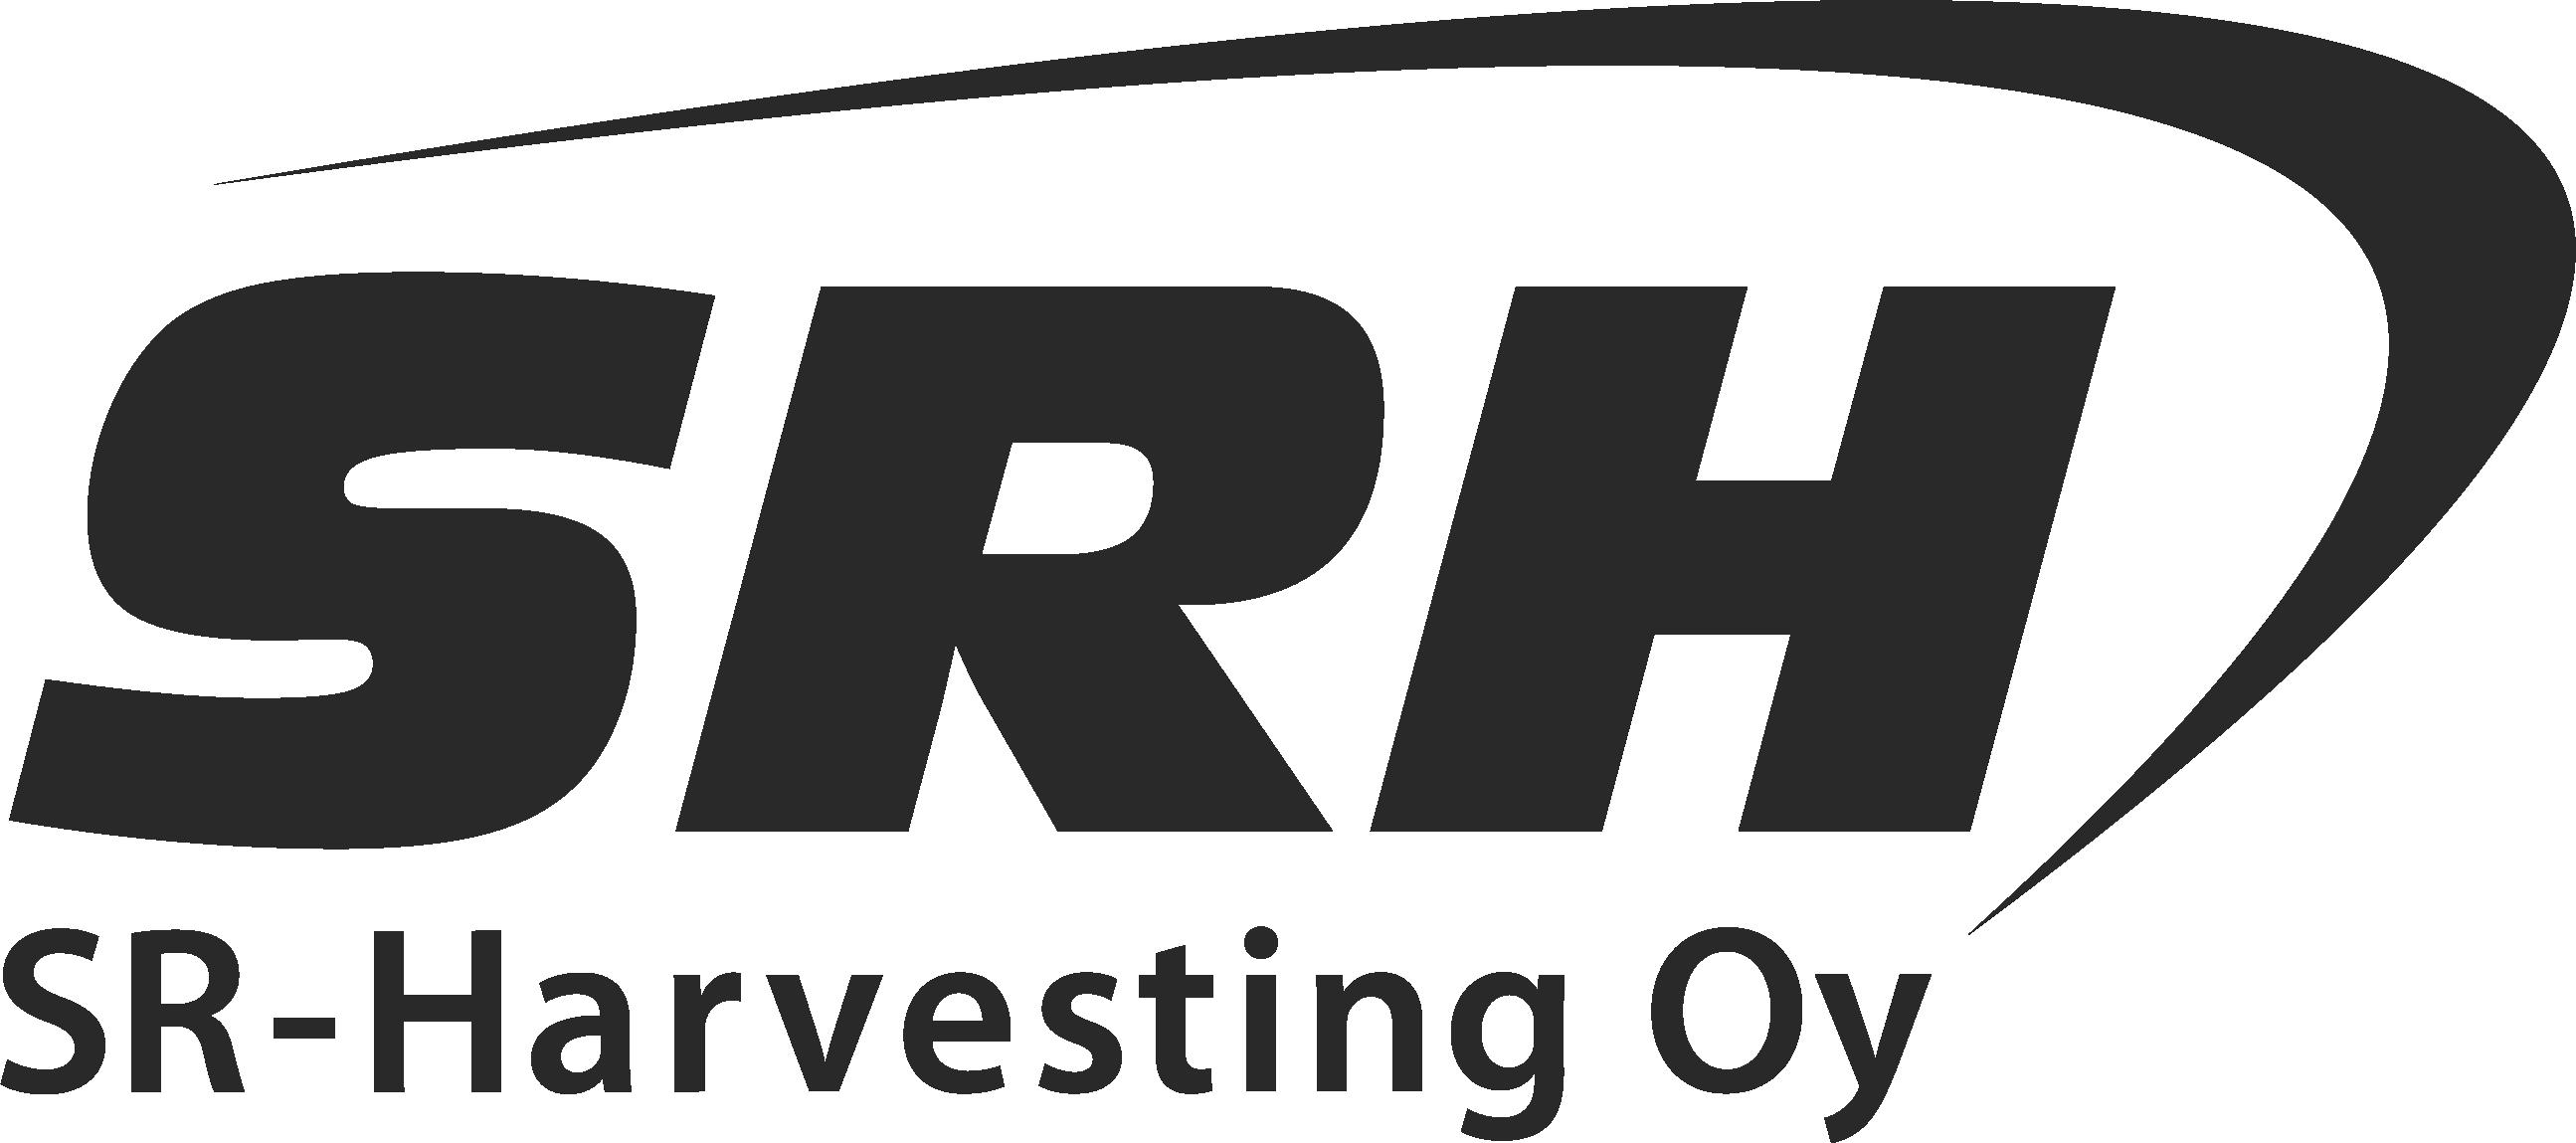 SR-Harvesting Oy logo